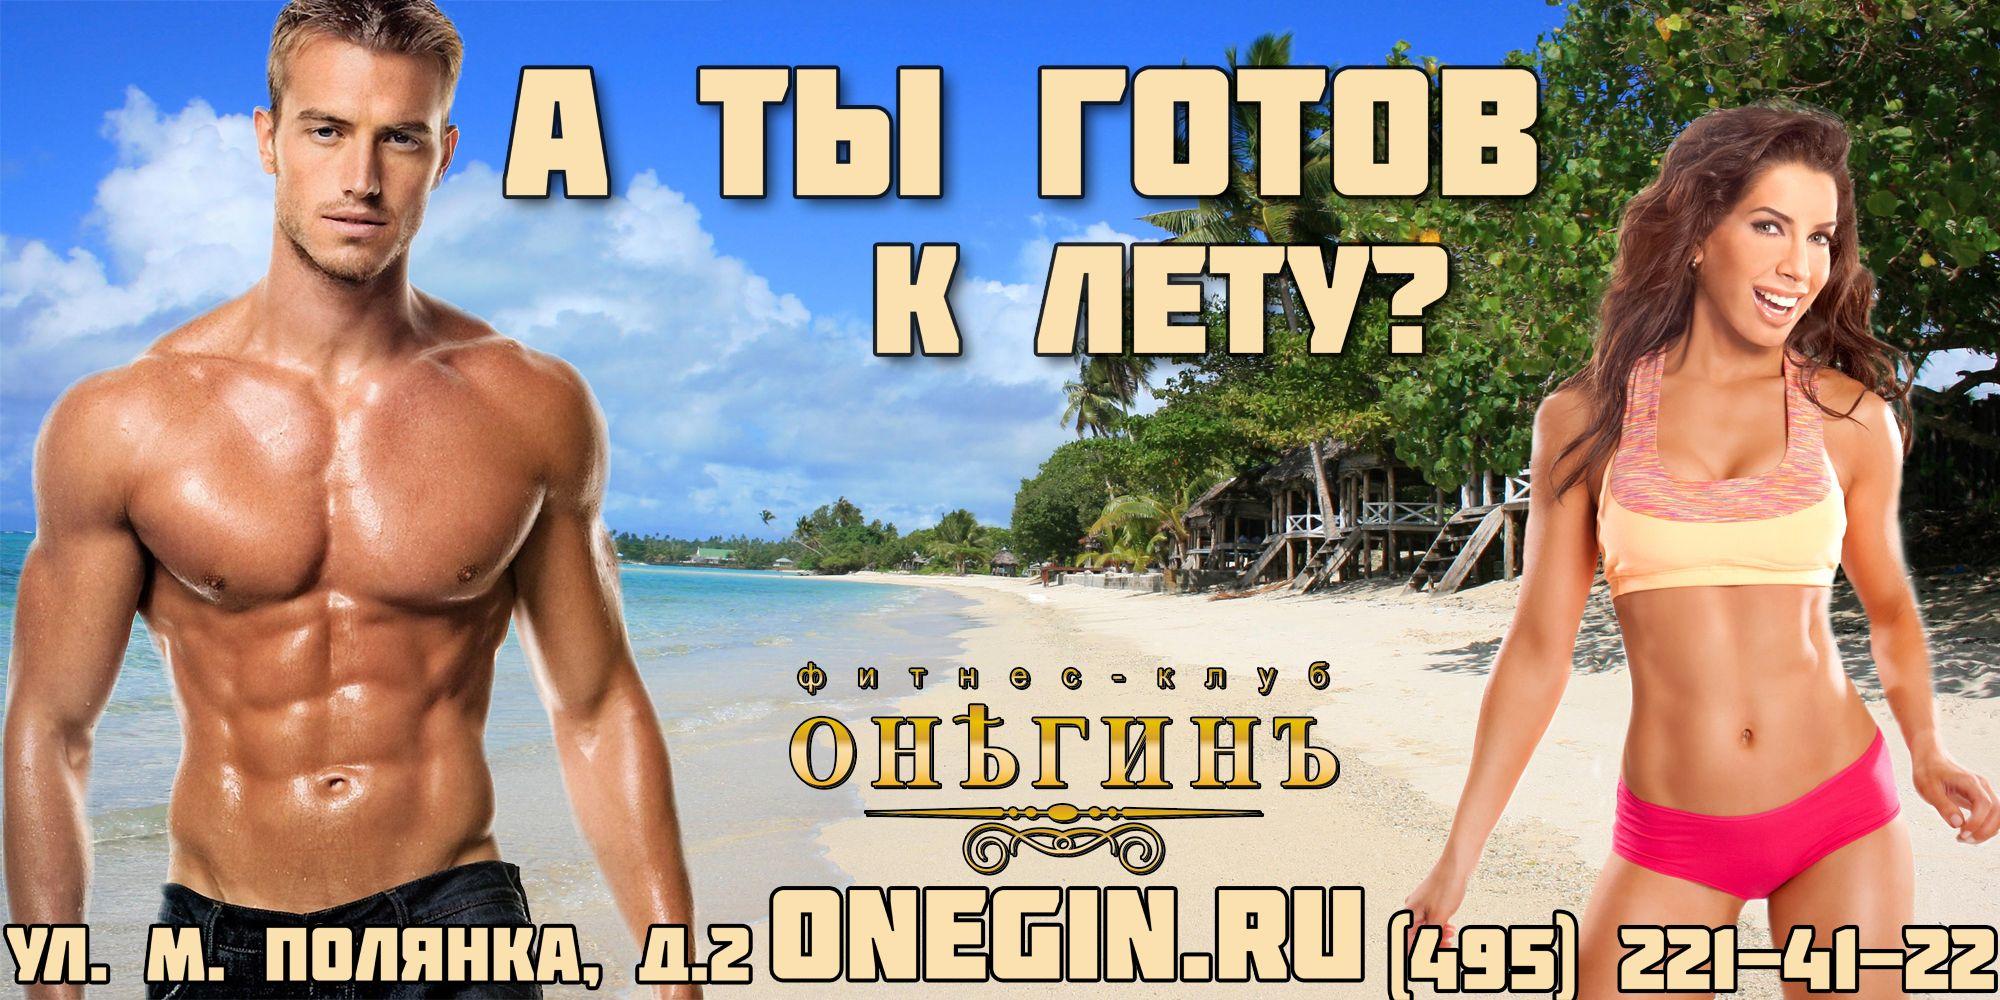 Рекламный баннер - продвижение фитнес-клуба  - дизайнер ov07